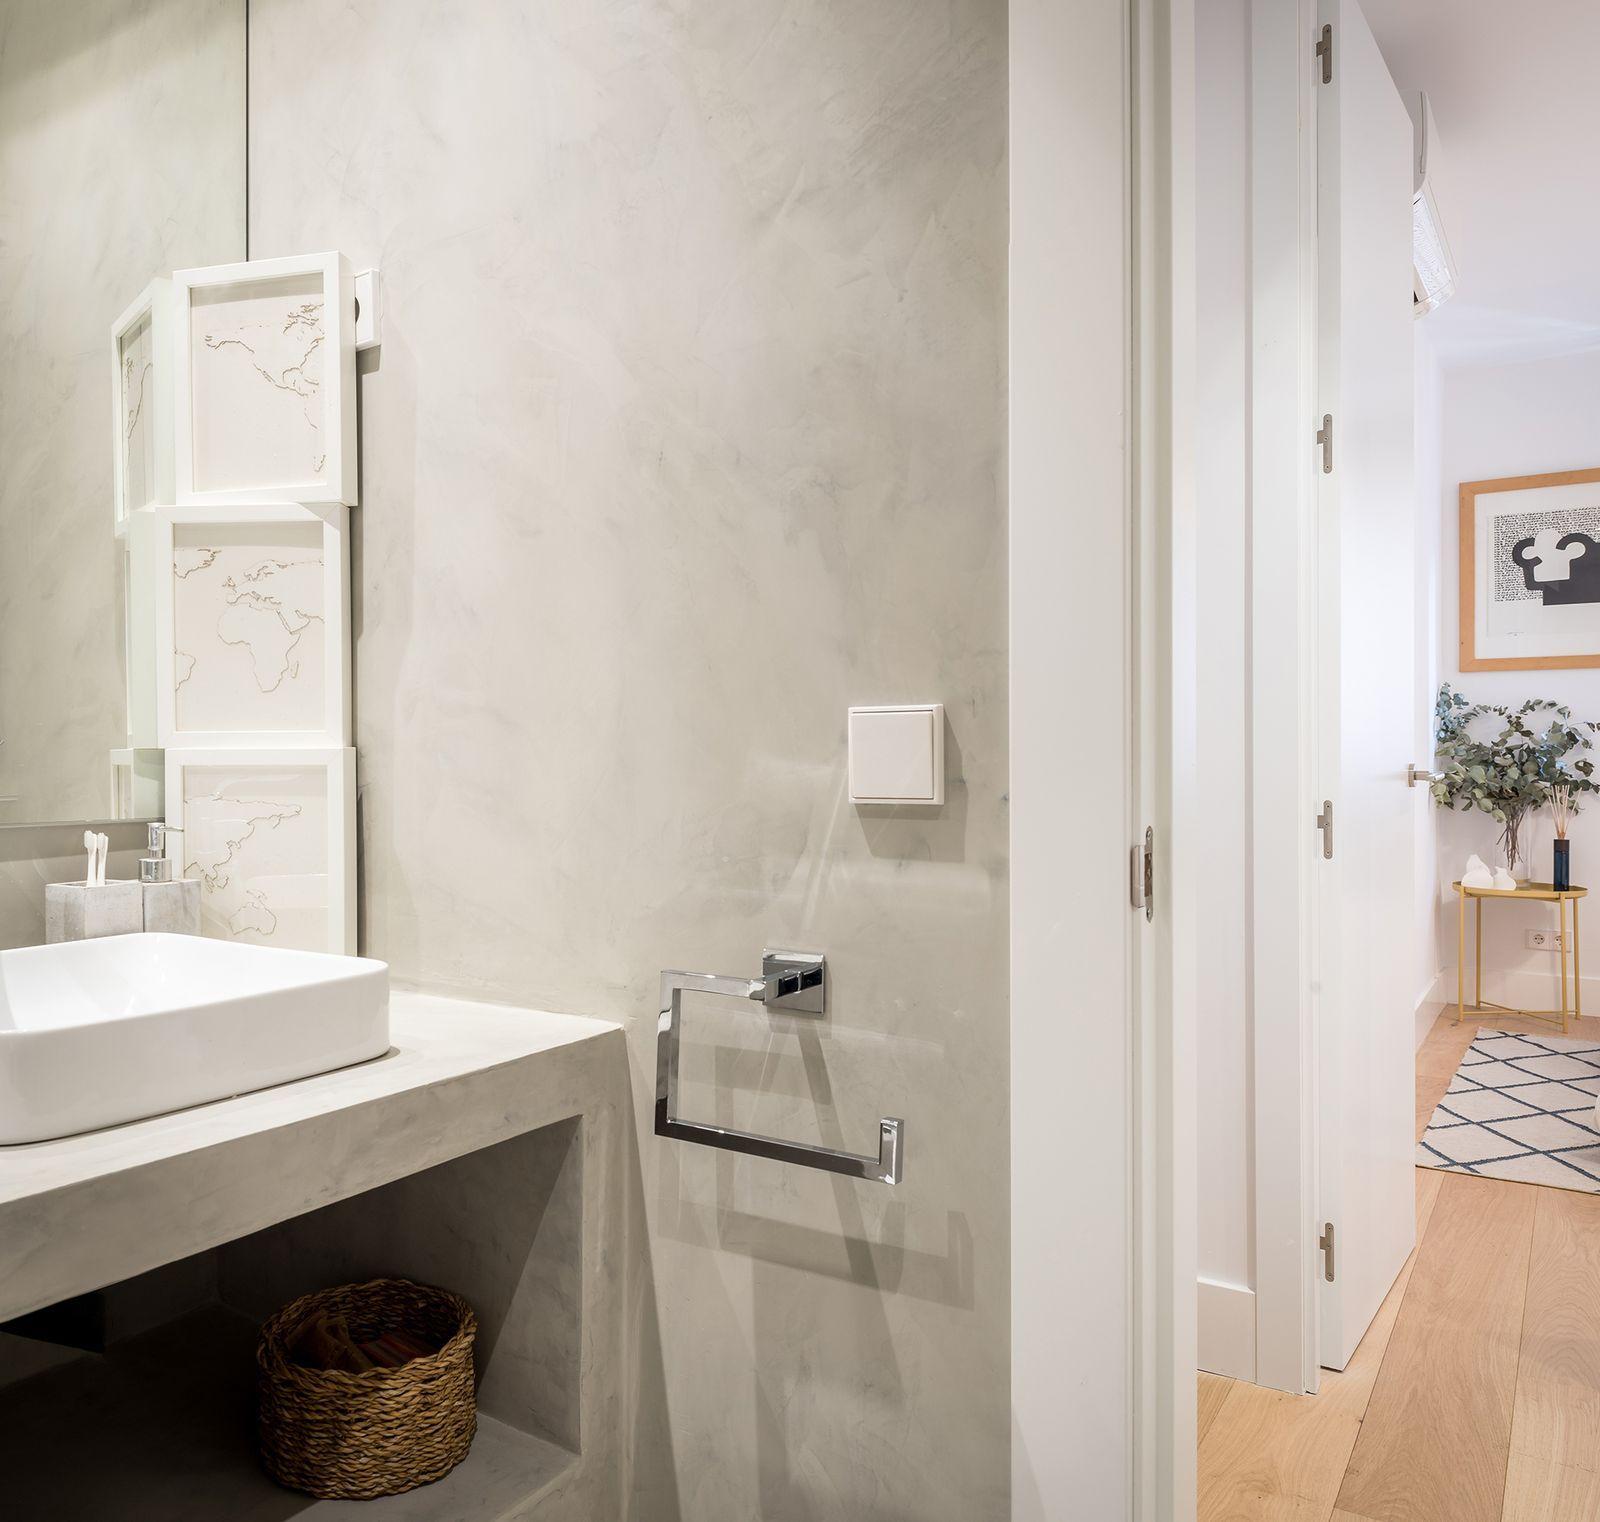 10 Banos En Color Gris Y Blanco Modernos Bano De Cemento